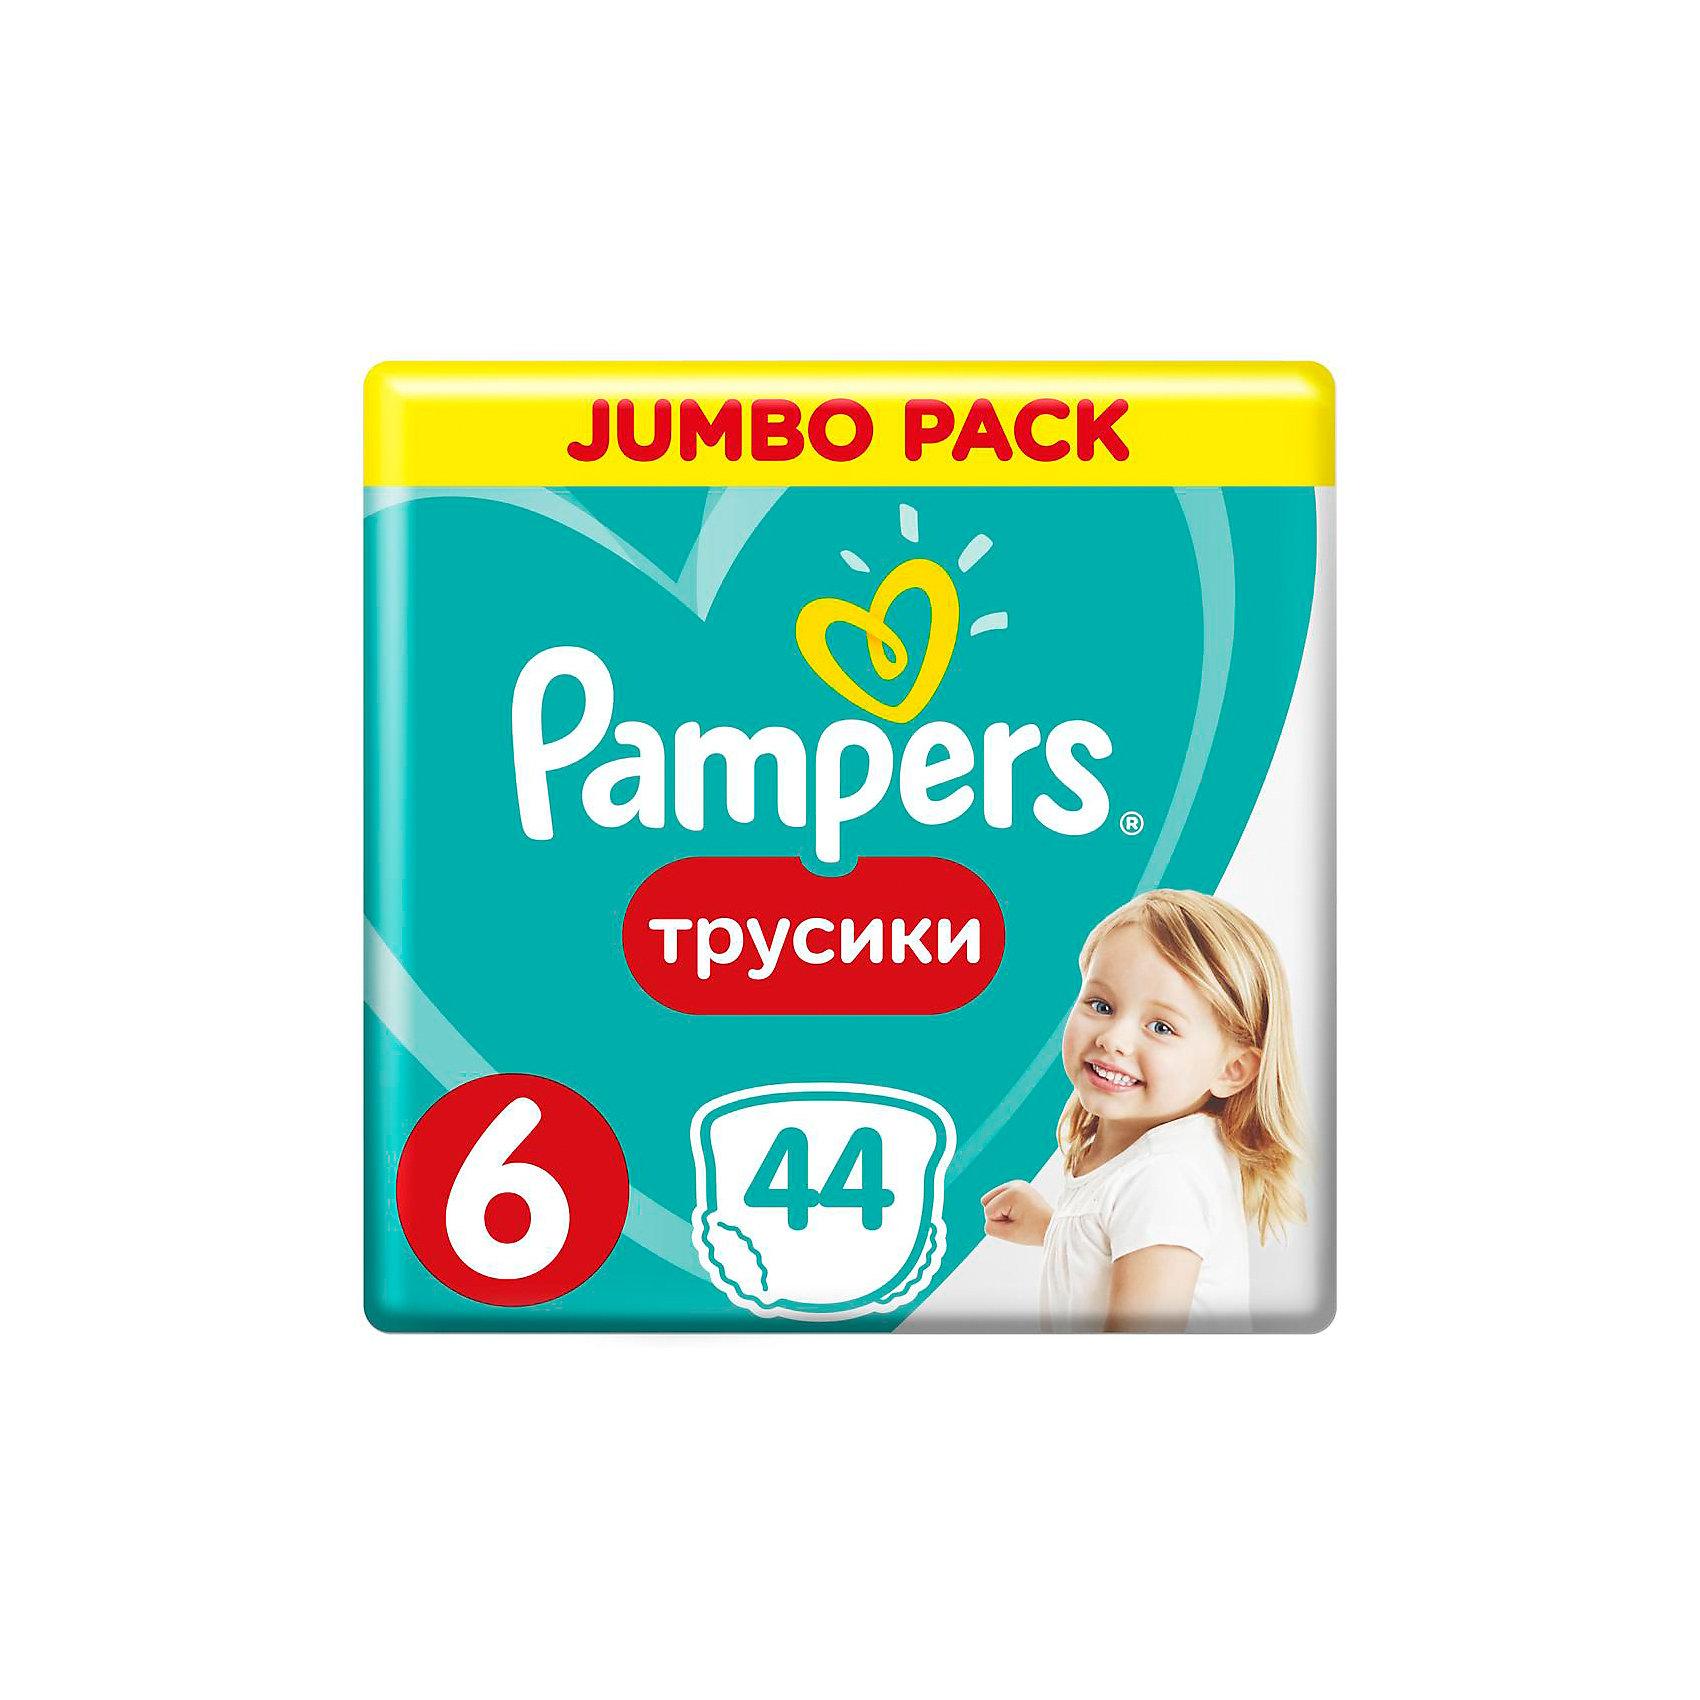 Трусики-подгузники Pampers  Pants Extra Large, 16+ кг., 44 шт.Трусики-подгузники<br>Трусики-подгузники Pampers Pants Extra Large (Памперс пантс), 16+ кг., 44 шт.               <br><br>Характеристики:<br><br>• впитывают и удерживают влагу до 12 часов<br>• дополнительный впитывающий слой<br>• эластичный поясок и манжеты не стесняют движений крохи<br>• дышащие материалы обеспечивают правильную микроциркуляцию кожи<br>• легко снимать и надевать<br>• состав бальзама: вазелин, стеариловый спирт, медицинский жидкий парафин, экстракт листа алоэ<br>• размер: от 16 кг<br>• количество: 44 шт.<br>• размер упаковки: 47х14,5х25,4 см<br>• вес: 1645 грамм<br><br>Ваш кроха очень быстро растет и активно познает мир. Чтобы у малыша была энергия для игры, ему необходим крепкий здоровый сон. Трусики-подгузники Pampers Pants Extra Large обеспечат вашей крохе сухую ночь и комфортный сон. Они быстро впитывают влагу и удерживают ее внутри до 12 часов. Дышащие материалы трусиков пропускают воздух, позволяя коже дышать. Эластичность манжетов и поясков позволяет малышу активно двигаться, не стесняя его движений. Трусики-подгузники легко надеть даже на активного непоседу. Снять их можно просто разорвав сбоку. С этими подгузниками ваш ребенок с радостью будет познавать окружающий мир!<br><br>Трусики-подгузники Pampers  Pants Extra Large (Памперс пантс), 16+ кг., 44 шт. вы можете купить в нашем интернет-магазине.<br><br>Ширина мм: 254<br>Глубина мм: 145<br>Высота мм: 470<br>Вес г: 1645<br>Возраст от месяцев: 12<br>Возраст до месяцев: 36<br>Пол: Унисекс<br>Возраст: Детский<br>SKU: 5422927